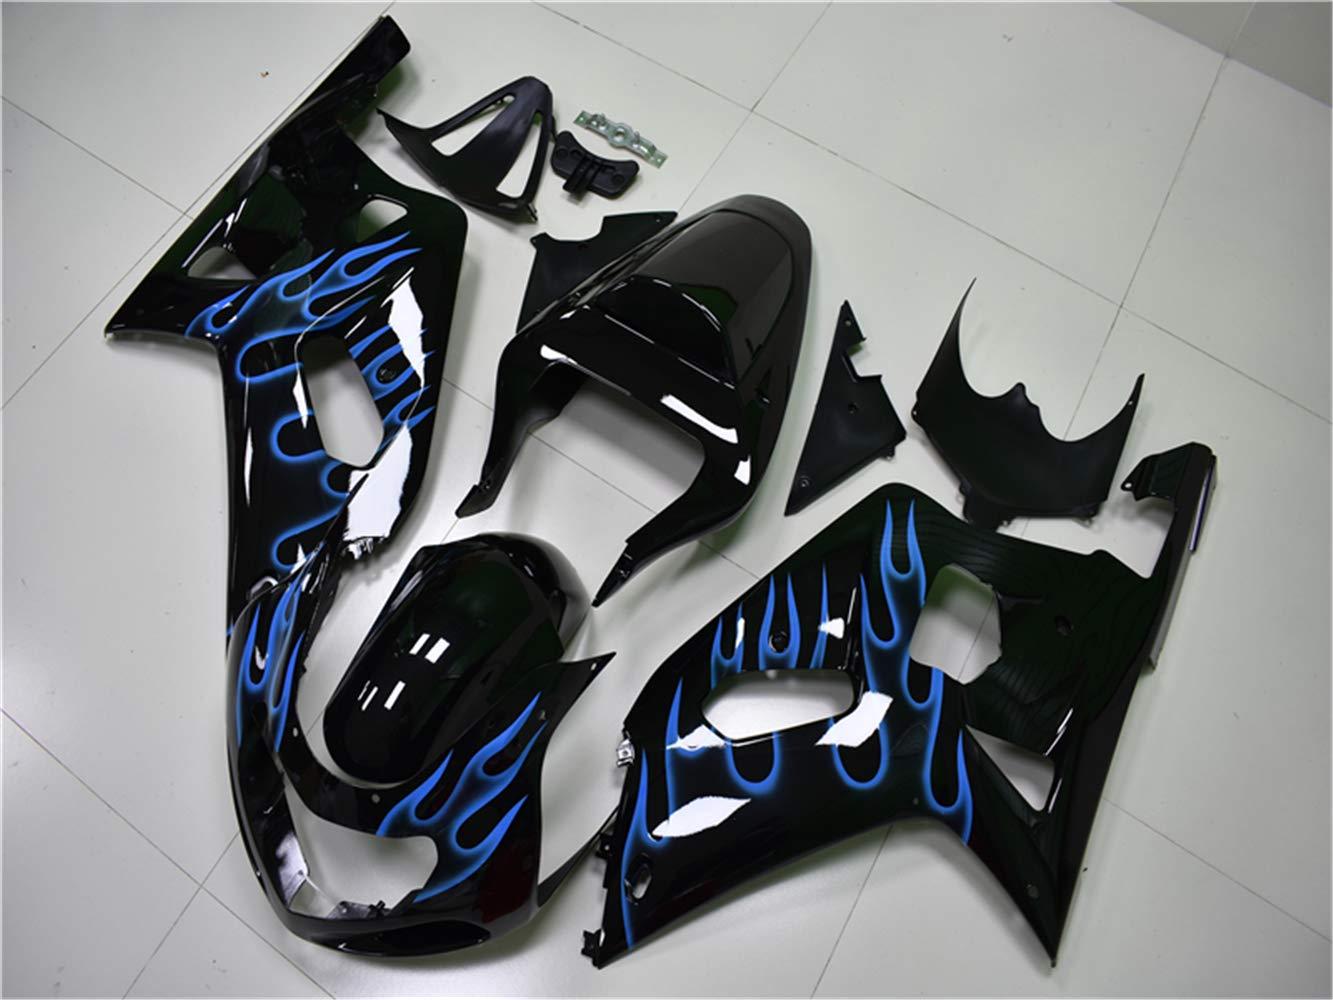 New Glossy Black Fairing Fit for SUZUKI 2001 2002 2003 GSXR 600 750 Injection Mold ABS Plastics Aftermarket Bodywork Bodyframe GSX-R 600//750 01 02 03